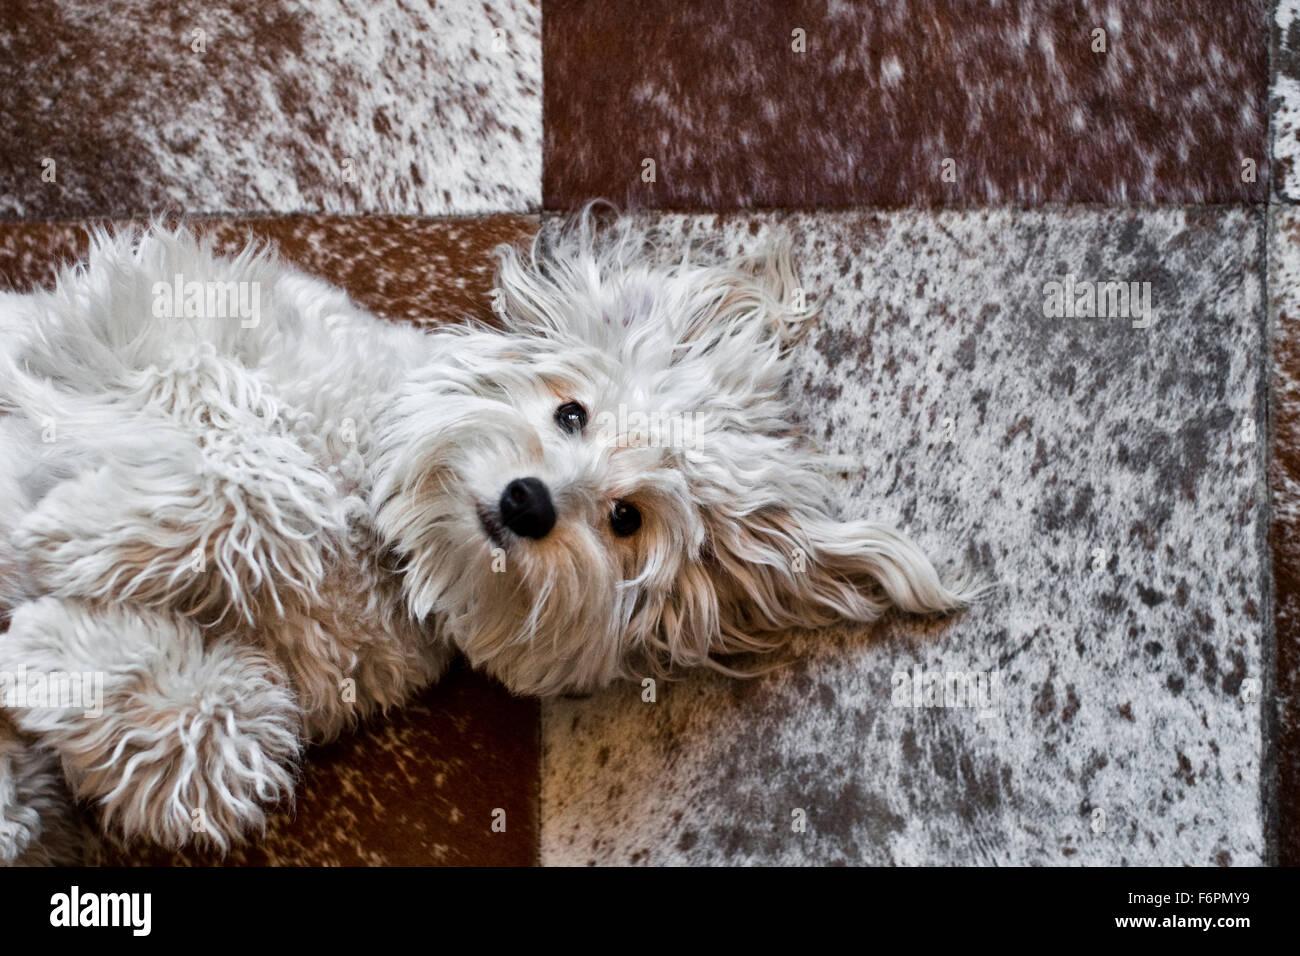 Diversión light hearted shaggy blanco perro mutt sentar en la espalda el contacto visual mirando a cámara Imagen De Stock